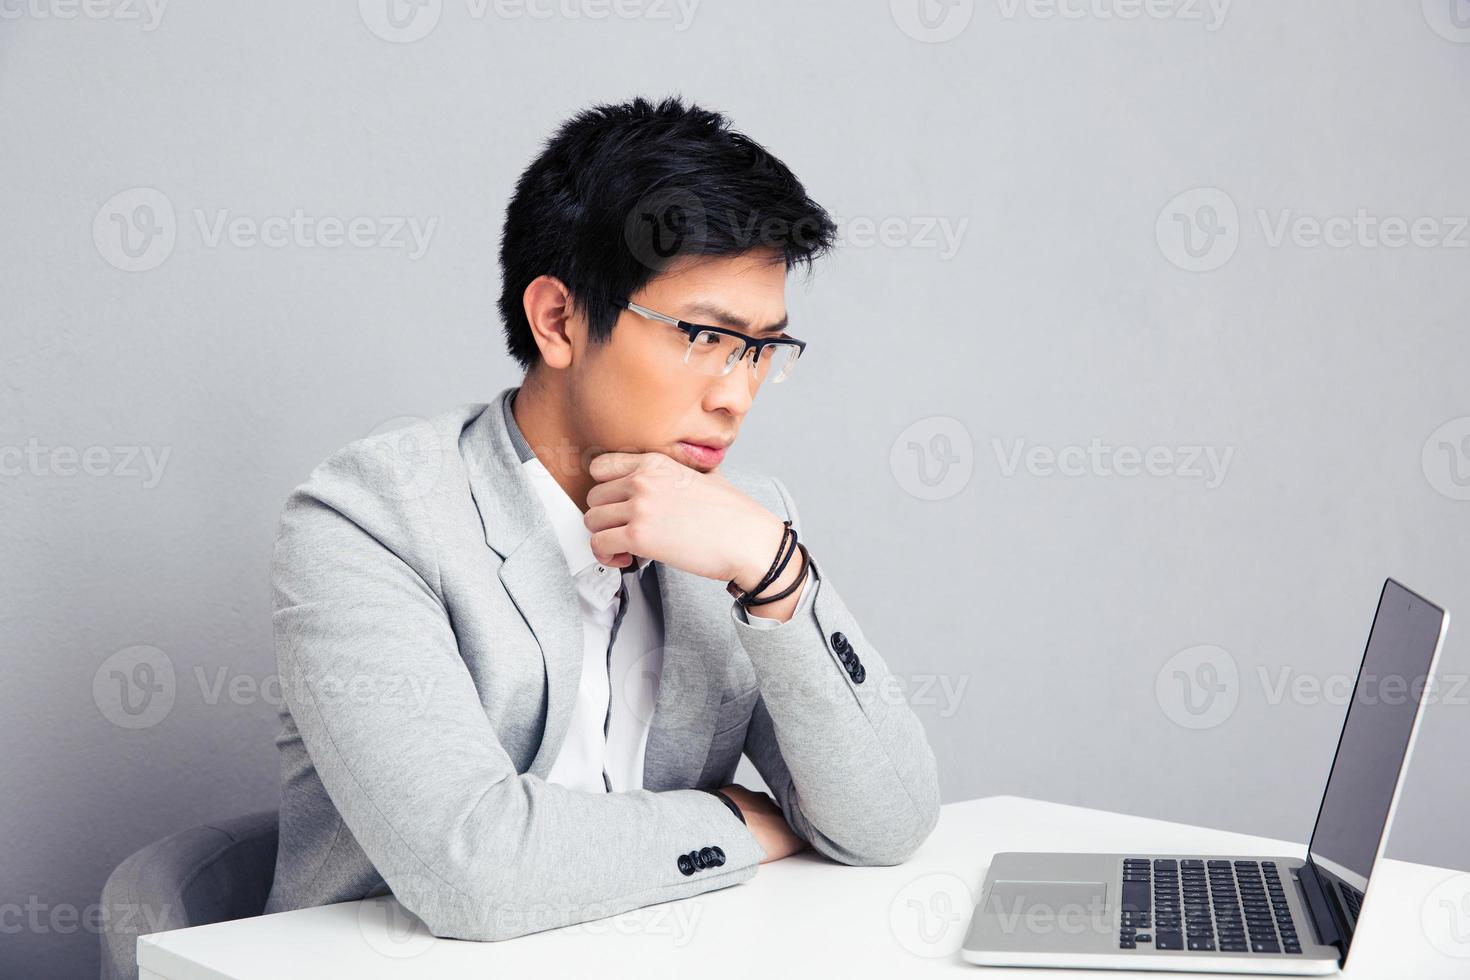 homme d'affaires pensif assis à la table avec ordinateur portable photo